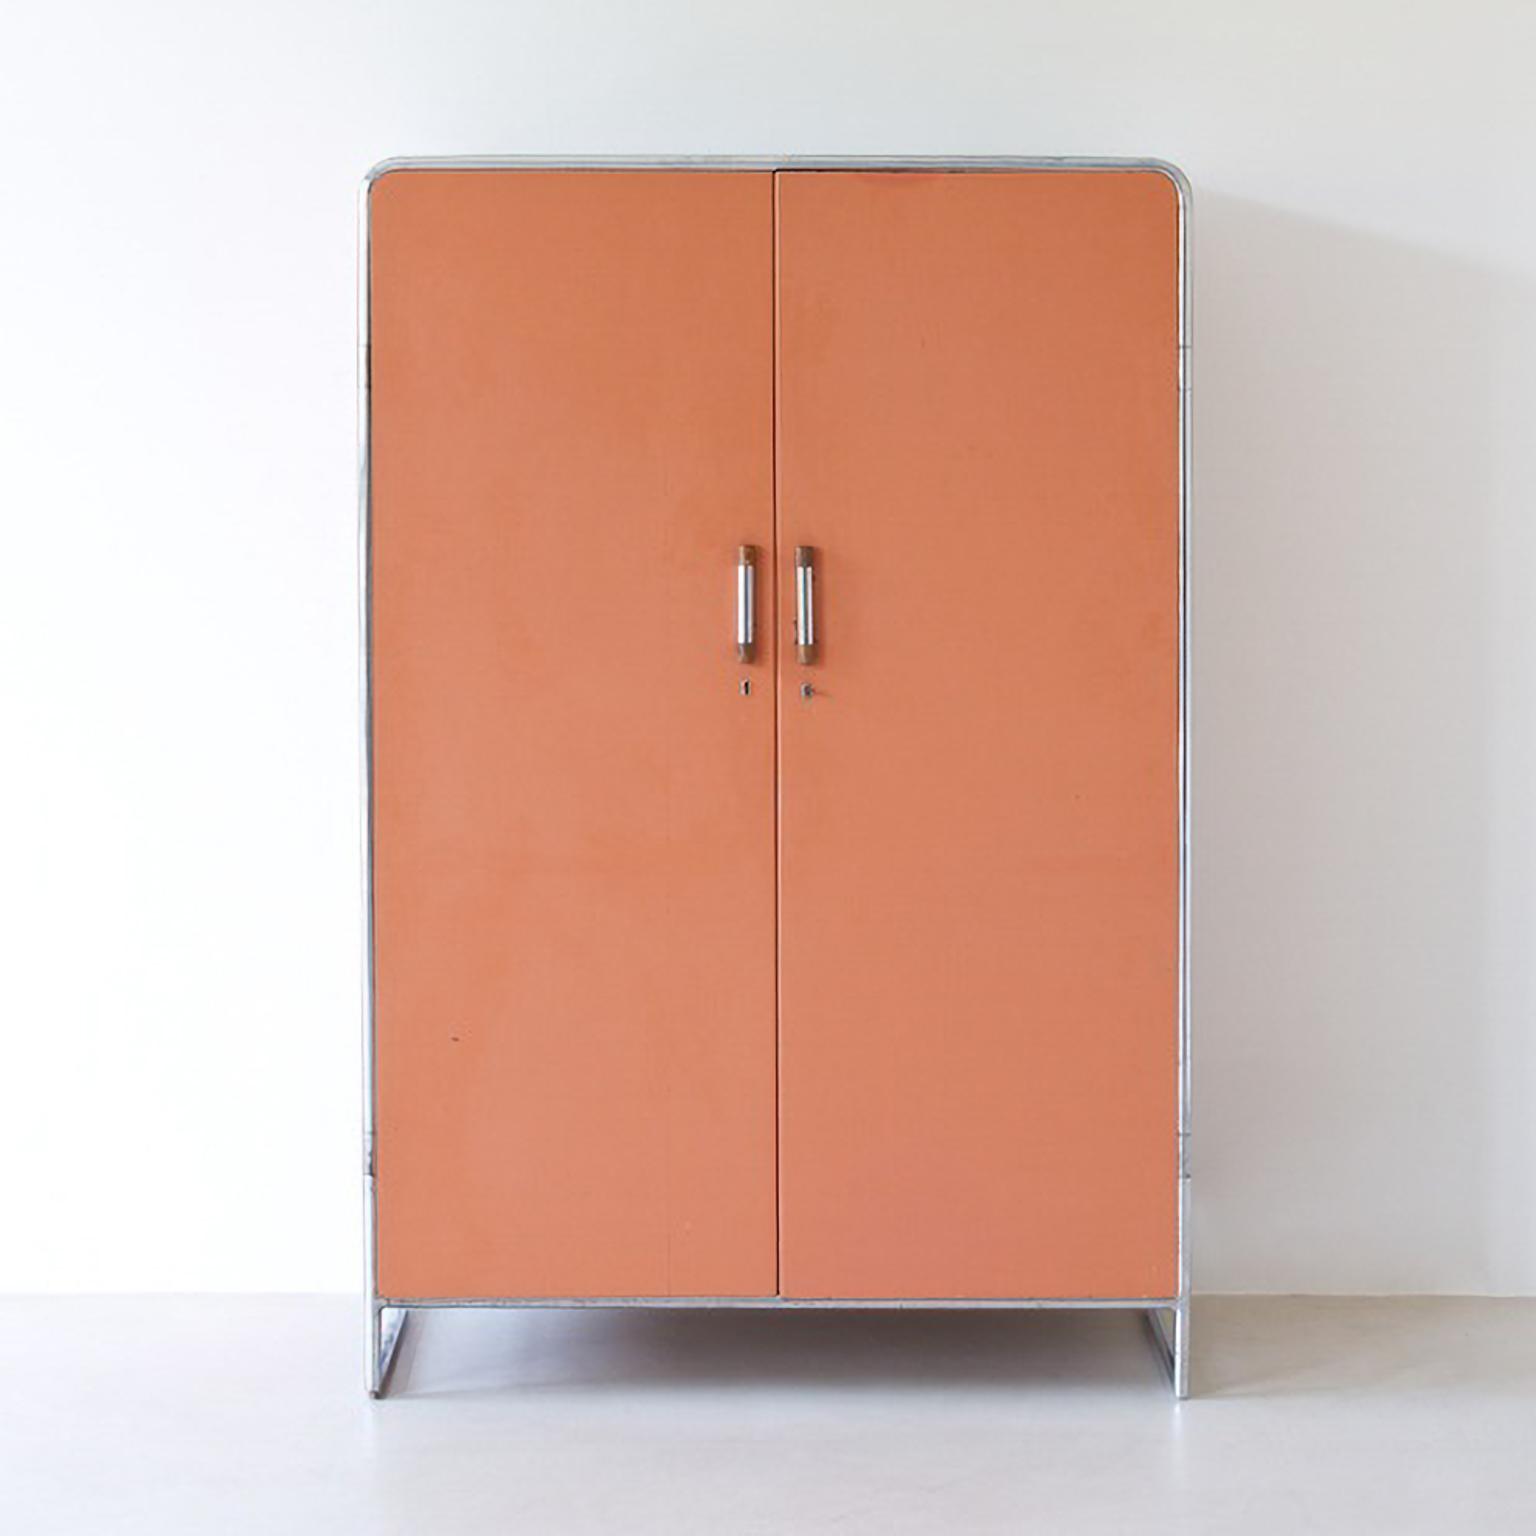 Bauhaus kleiderschrank  MODERN XX/ Bauhaus - Stahlrohr Kleiderschrank/ Tubular steel wardrobe